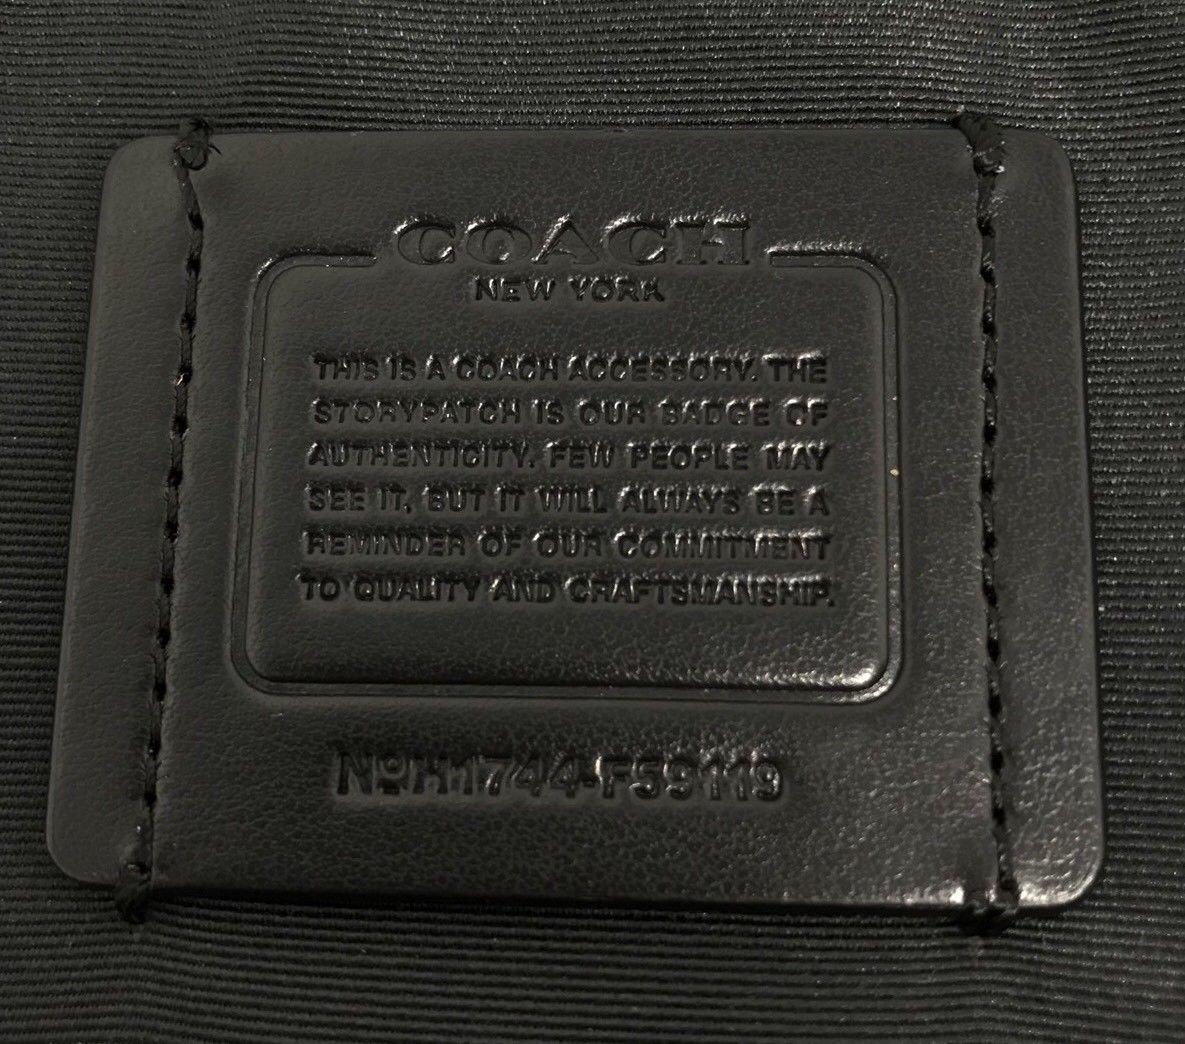 Entrenador de hombre negro con cremallera de piel con relieve Tech cartera f59119: Amazon.es: Oficina y papelería